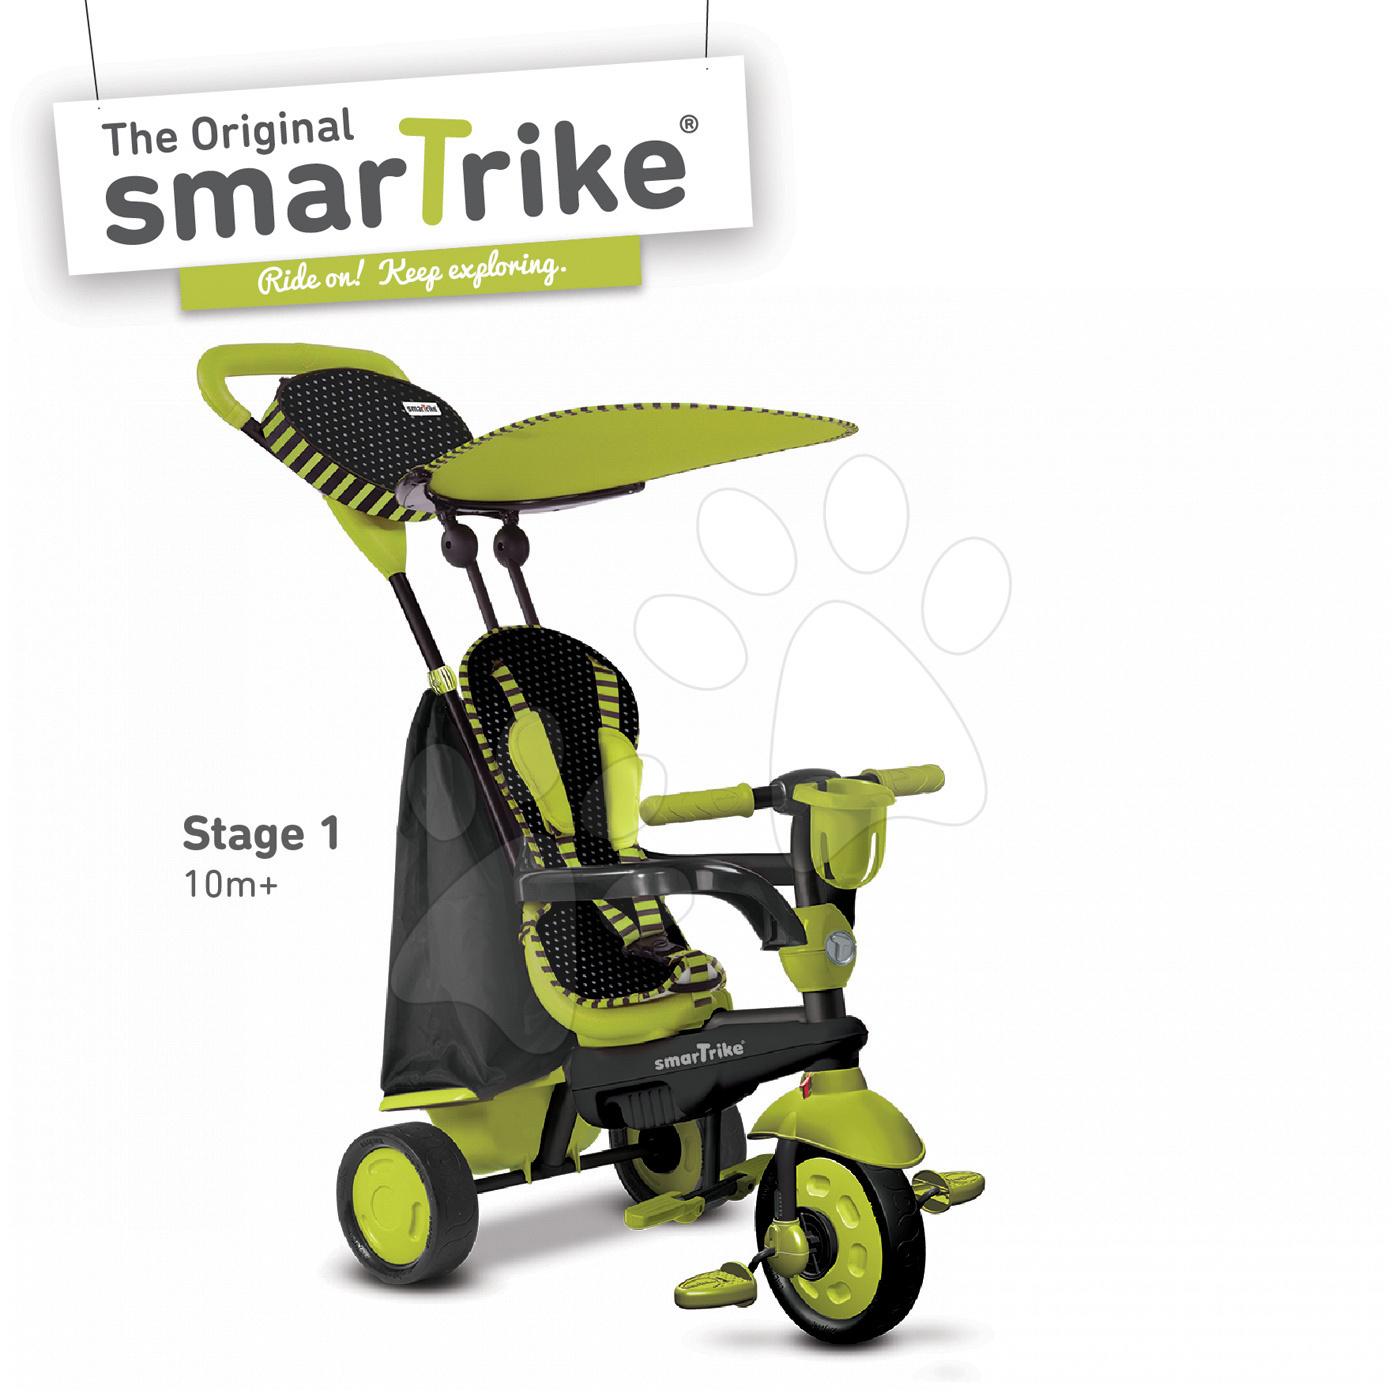 Tříkolka Spark Black&Green Touch Steering 4v1 smarTrike zeleno-černá od 10 měsíců